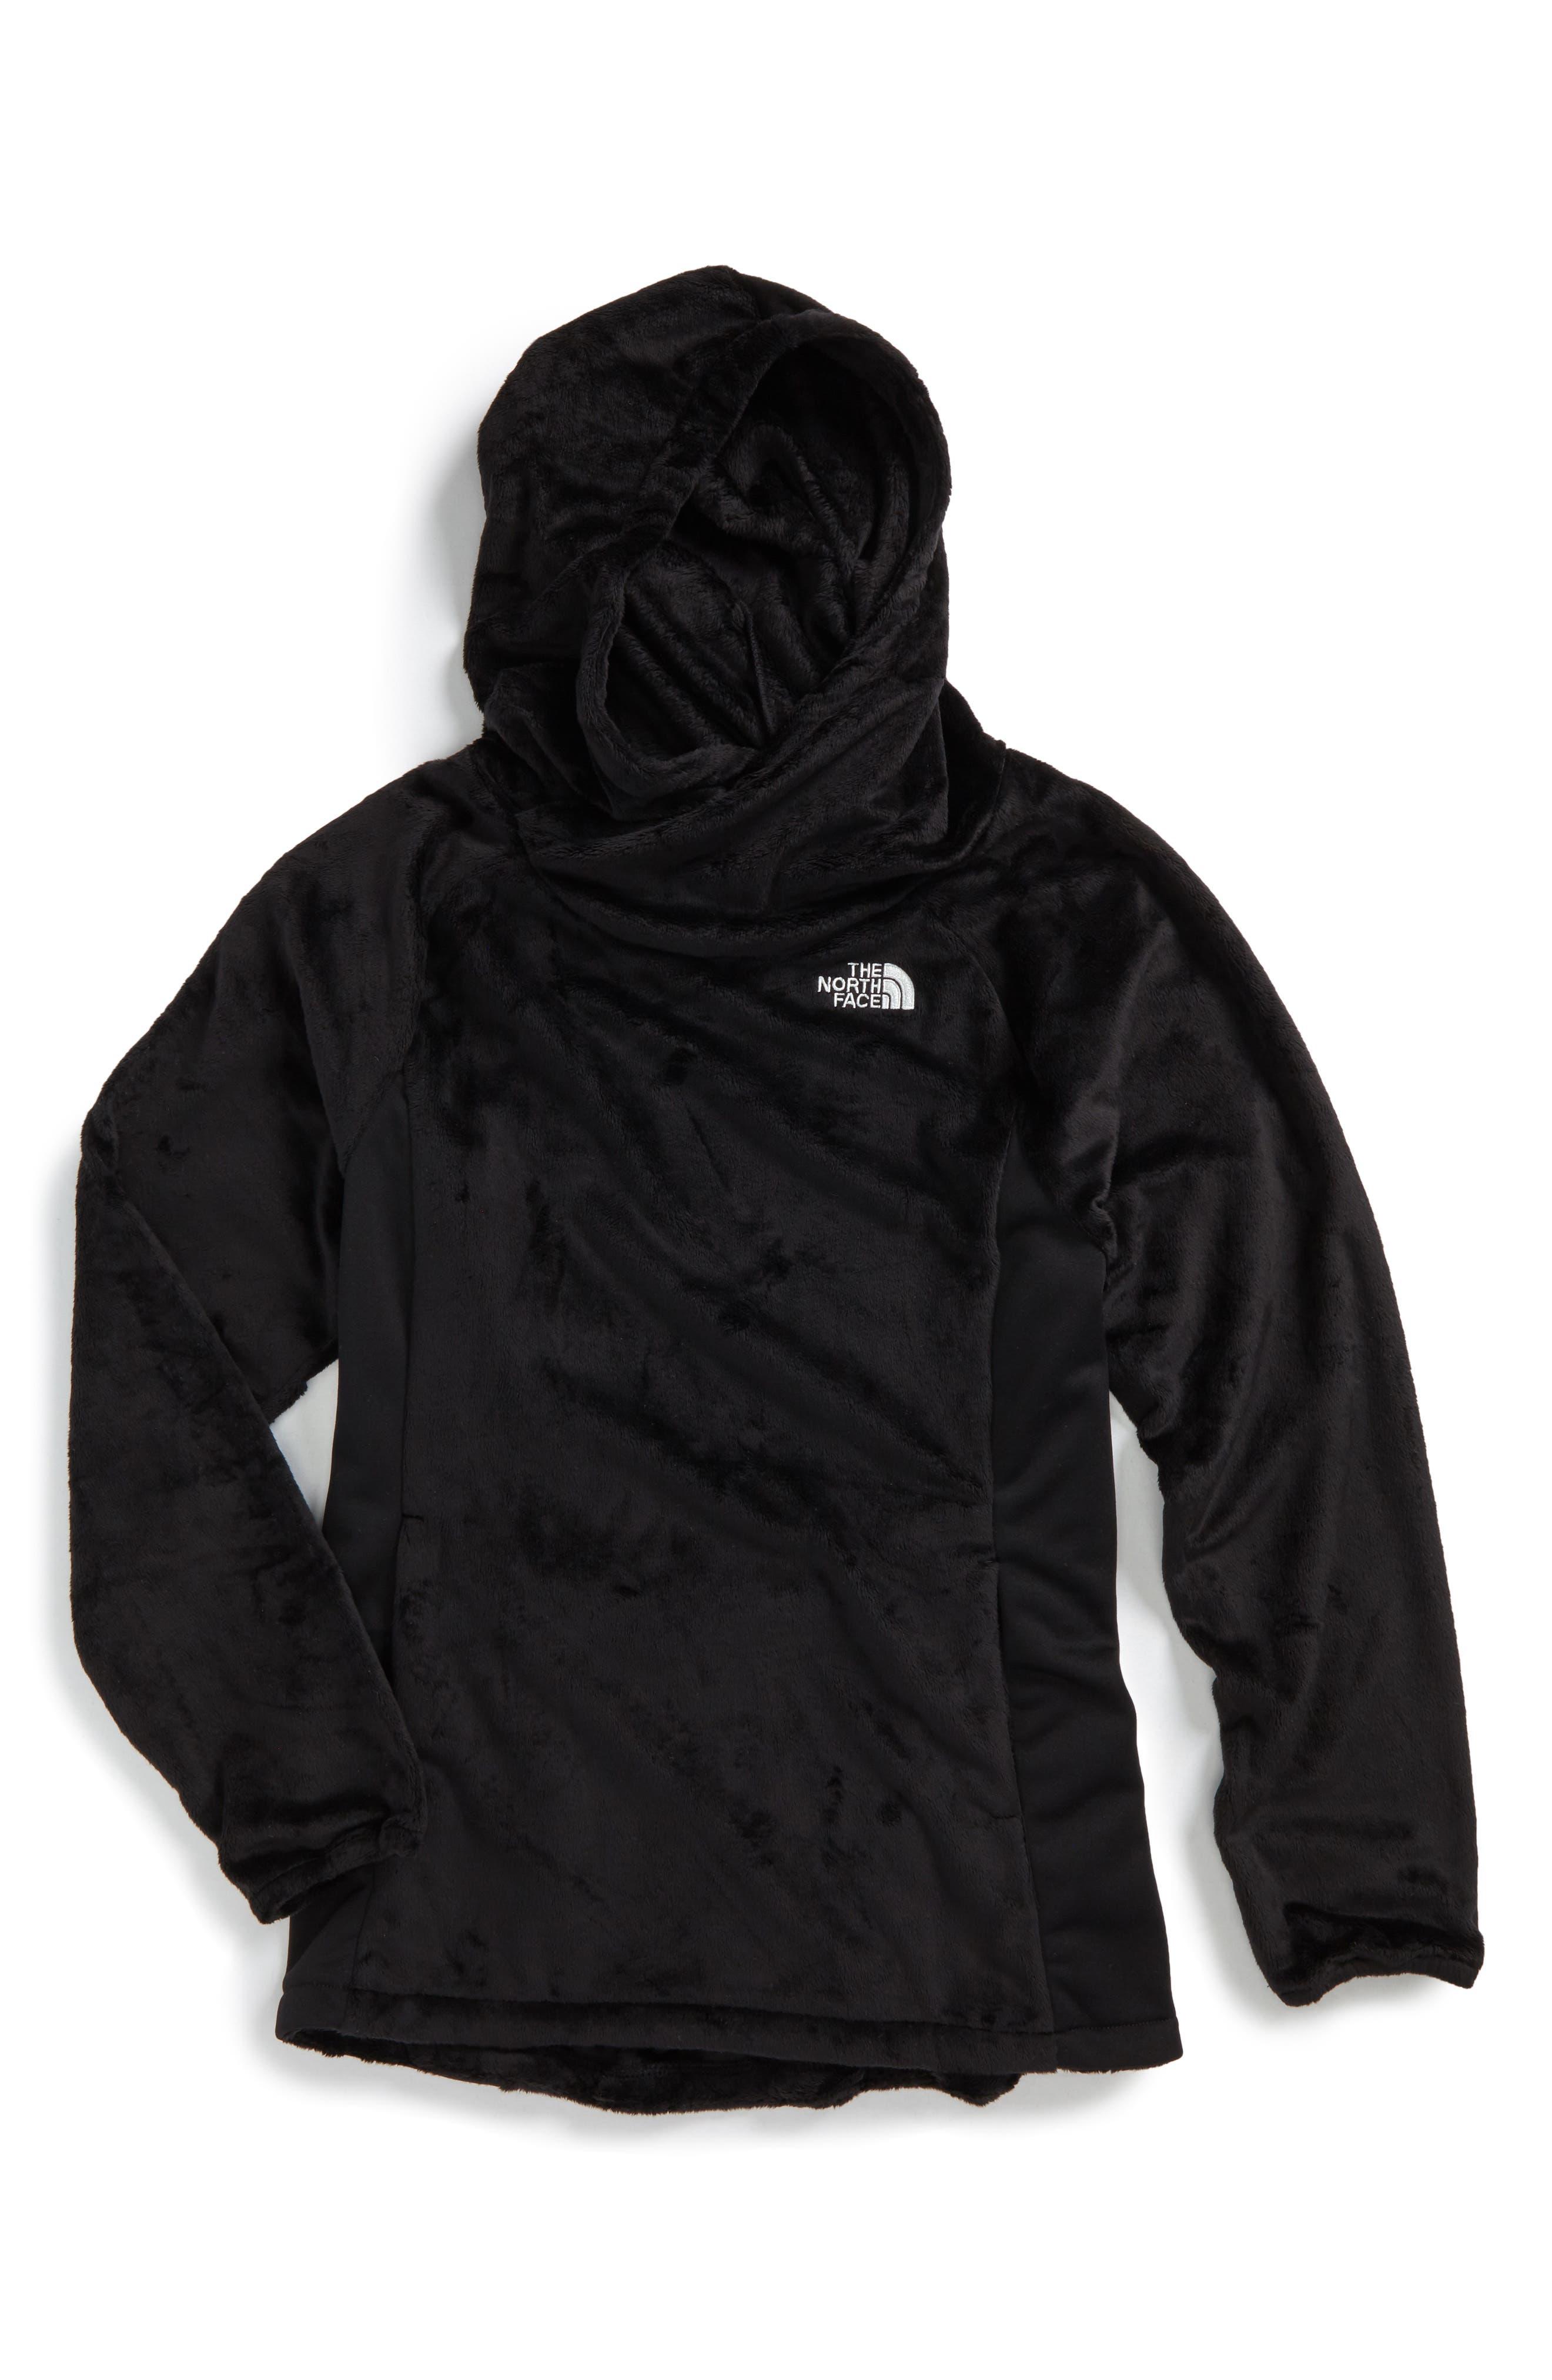 Oso Fleece Pullover,                             Main thumbnail 1, color,                             Tnf Black